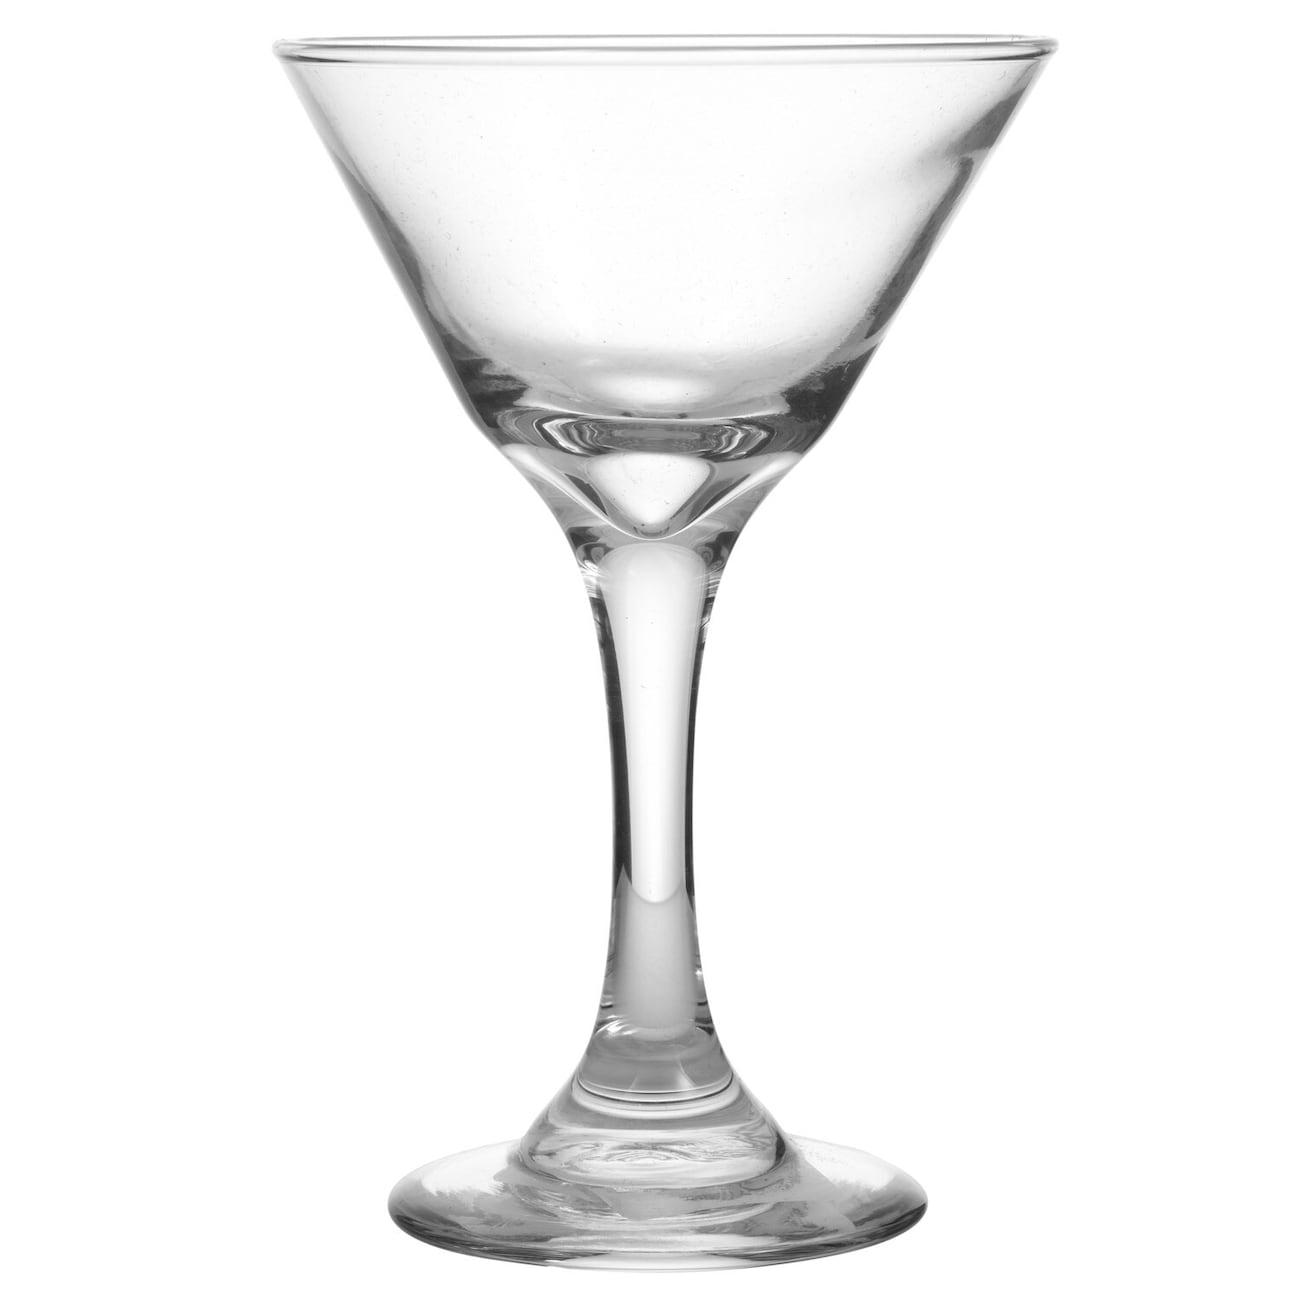 Oliver Glass Martini Glasses 75 Oz